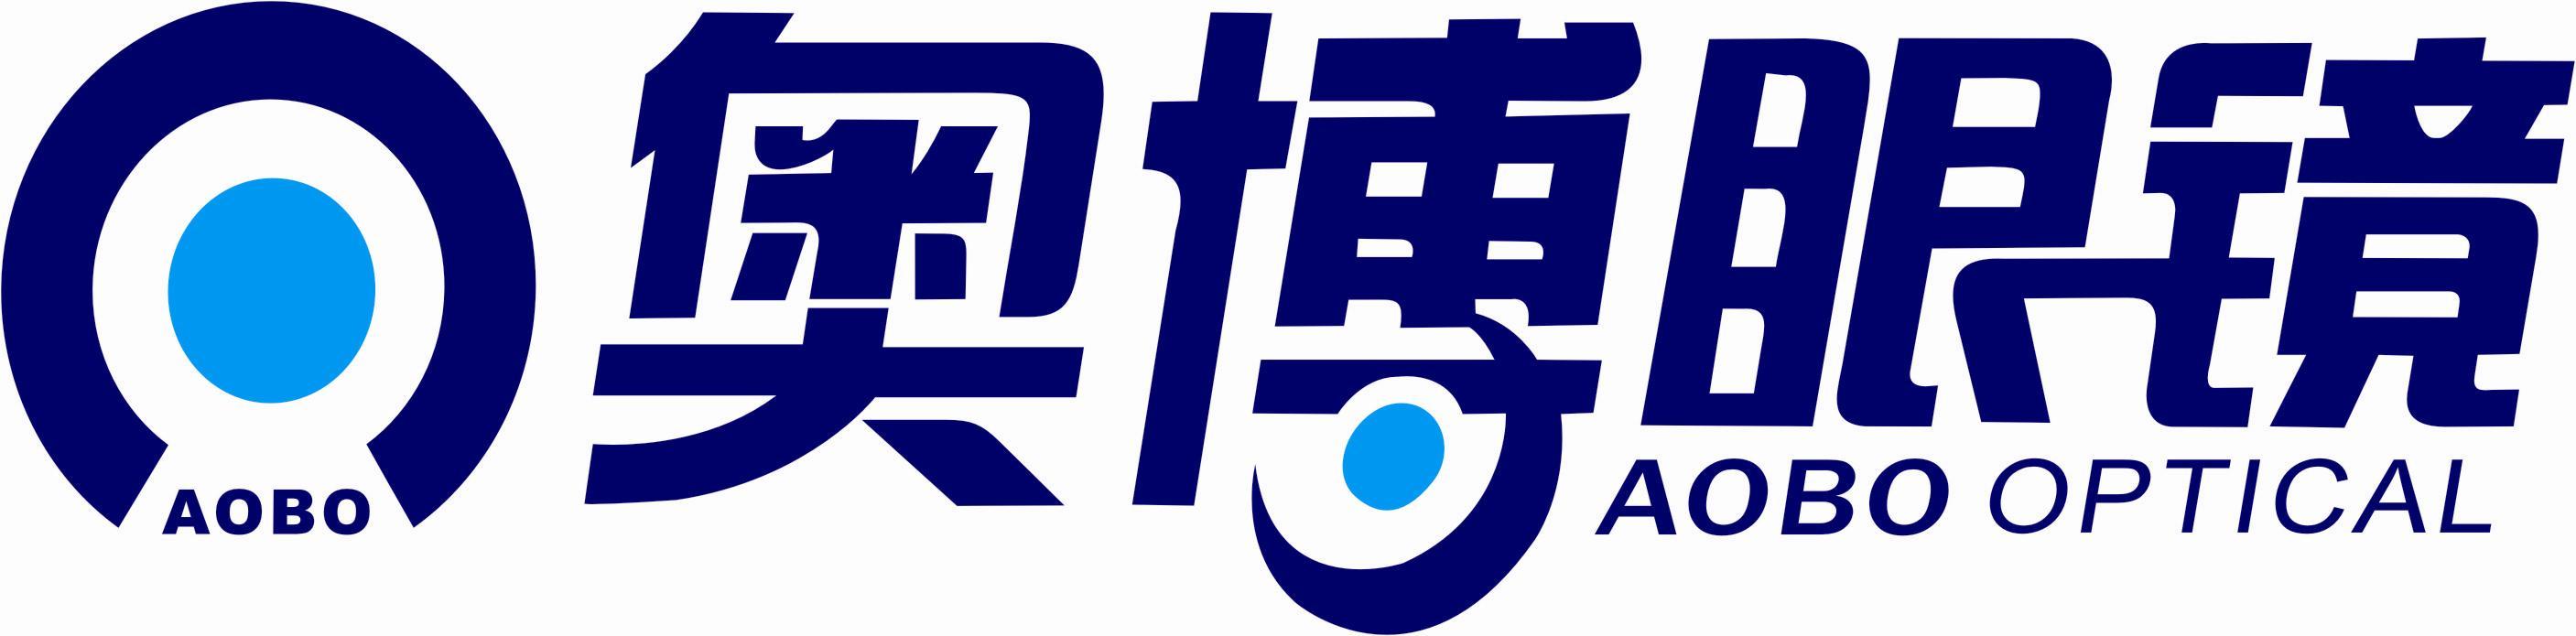 logo 标识 标志 设计 矢量 矢量图 素材 图标 2814_695